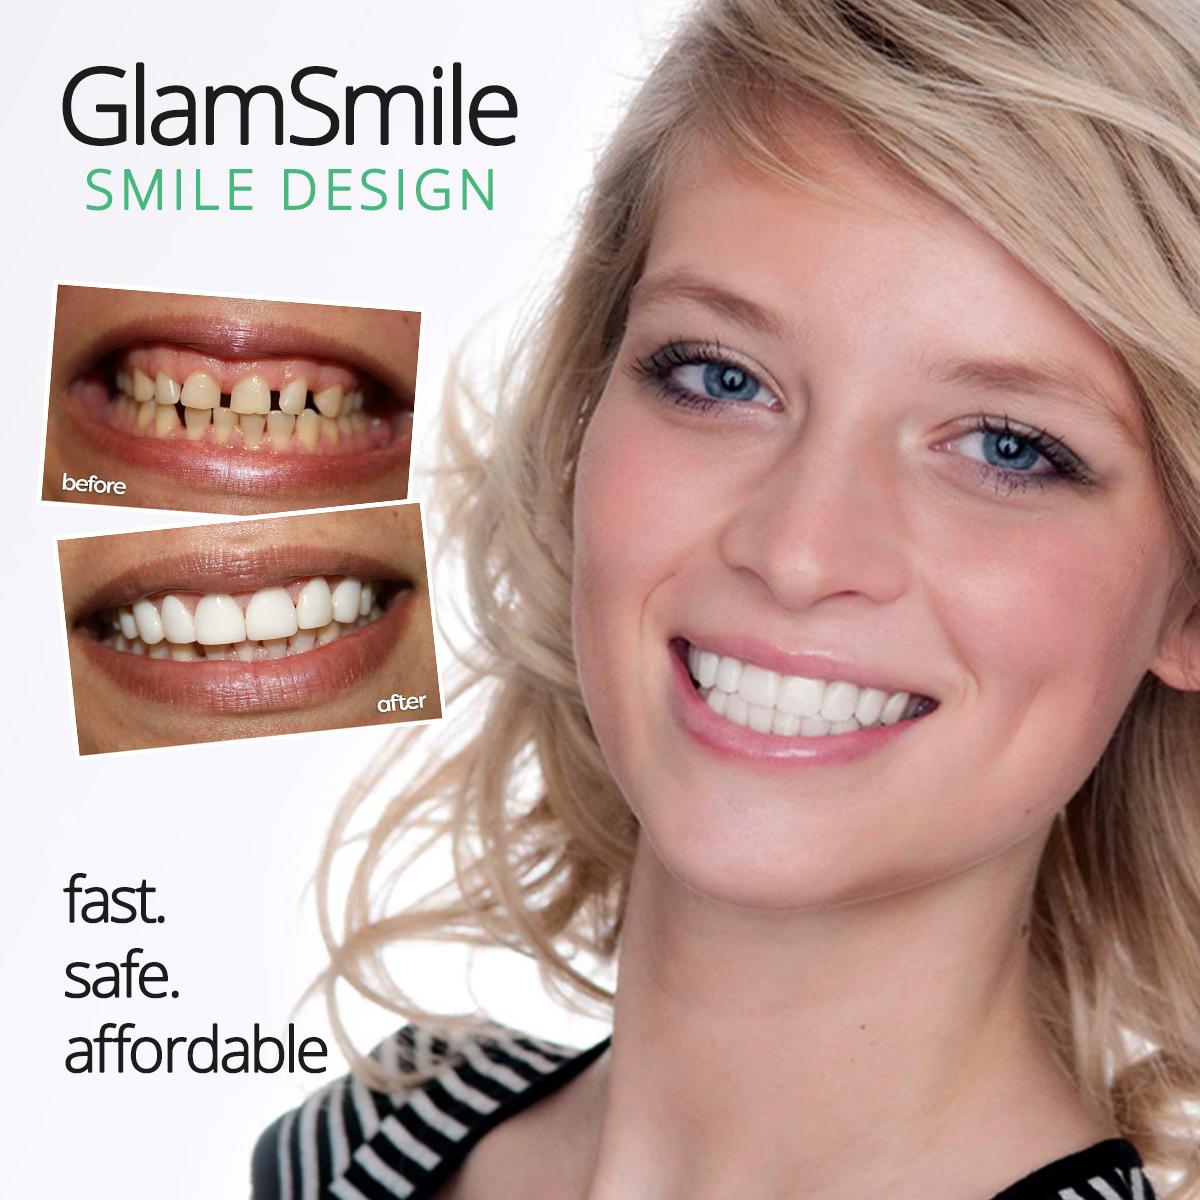 GlamSmile: Affordable Porcelain Veneers & Cosmetic Dentists